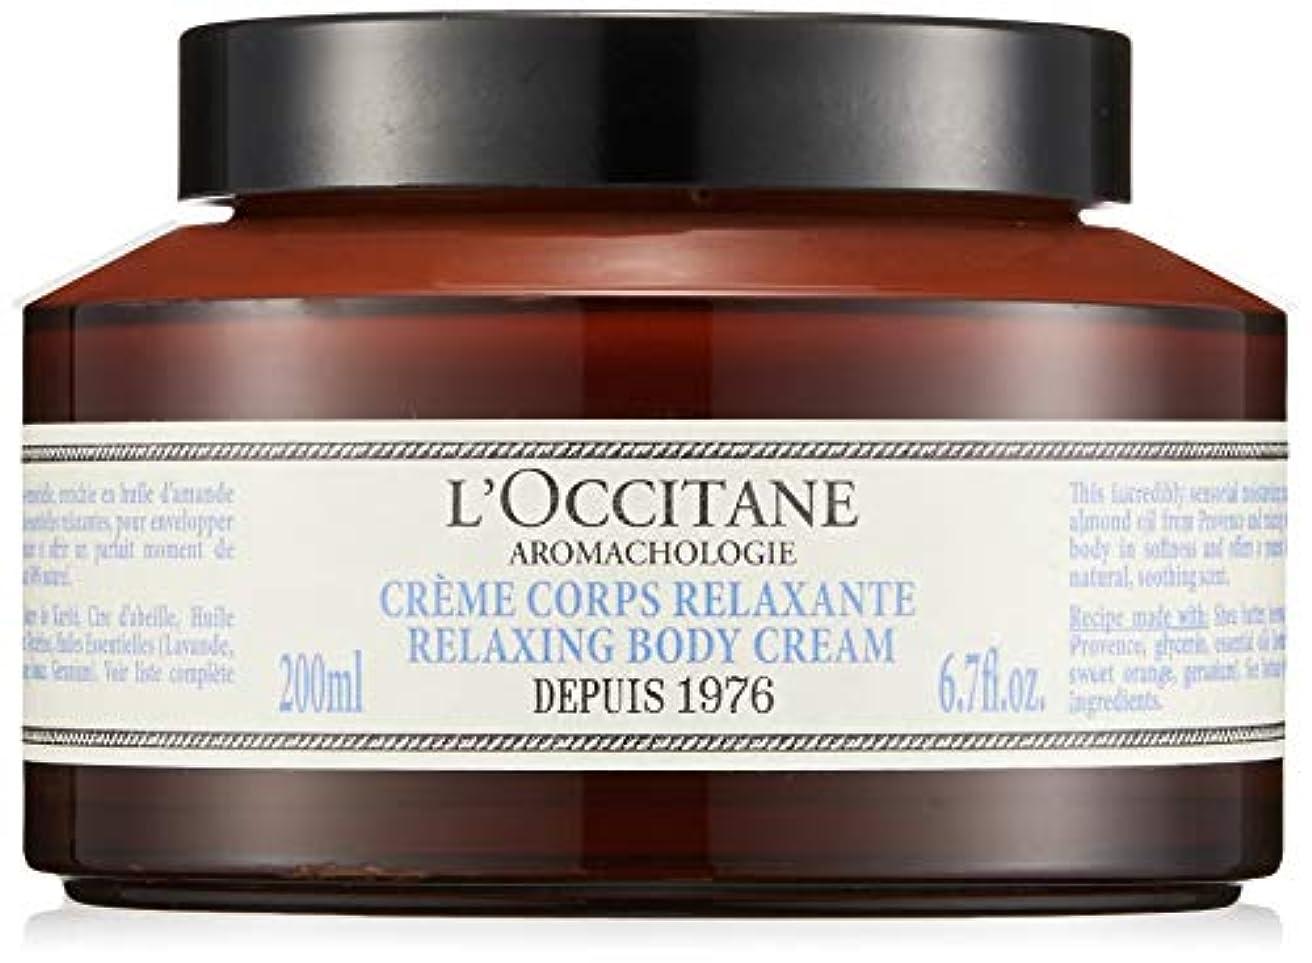 活性化するディスカウント最初はロクシタン(L'OCCITANE) リラクシング ボディクリーム 200ml